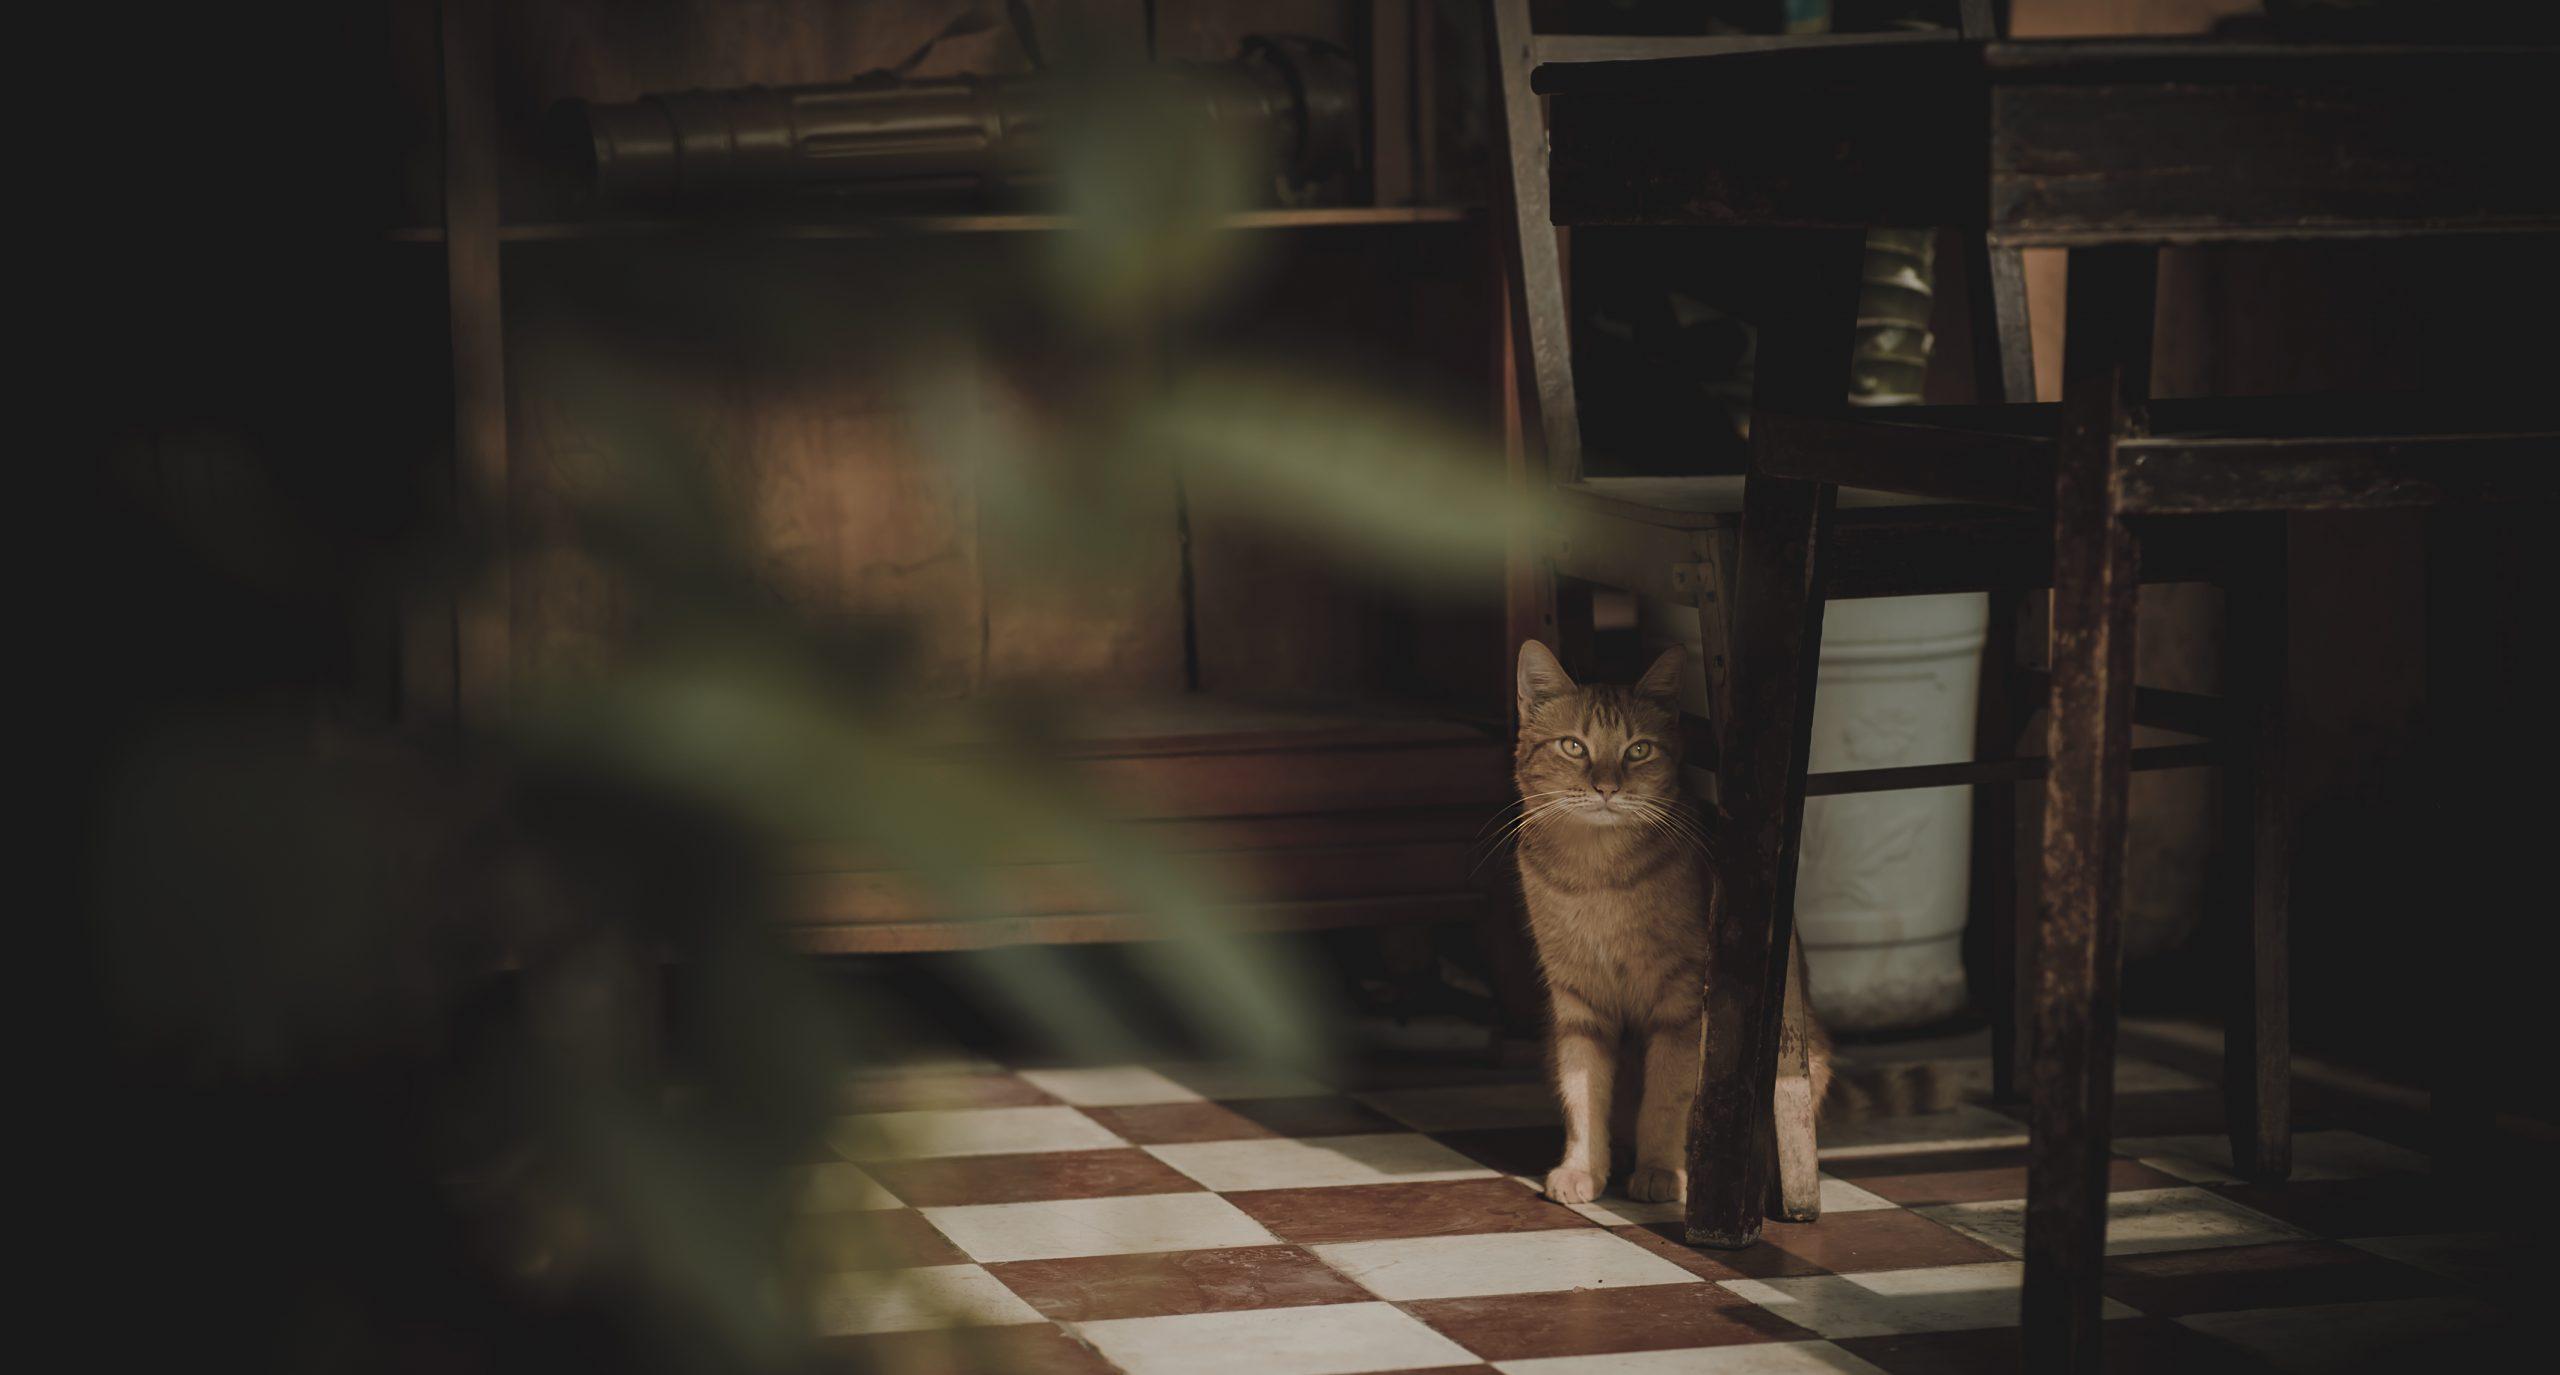 lovely cat in the floor